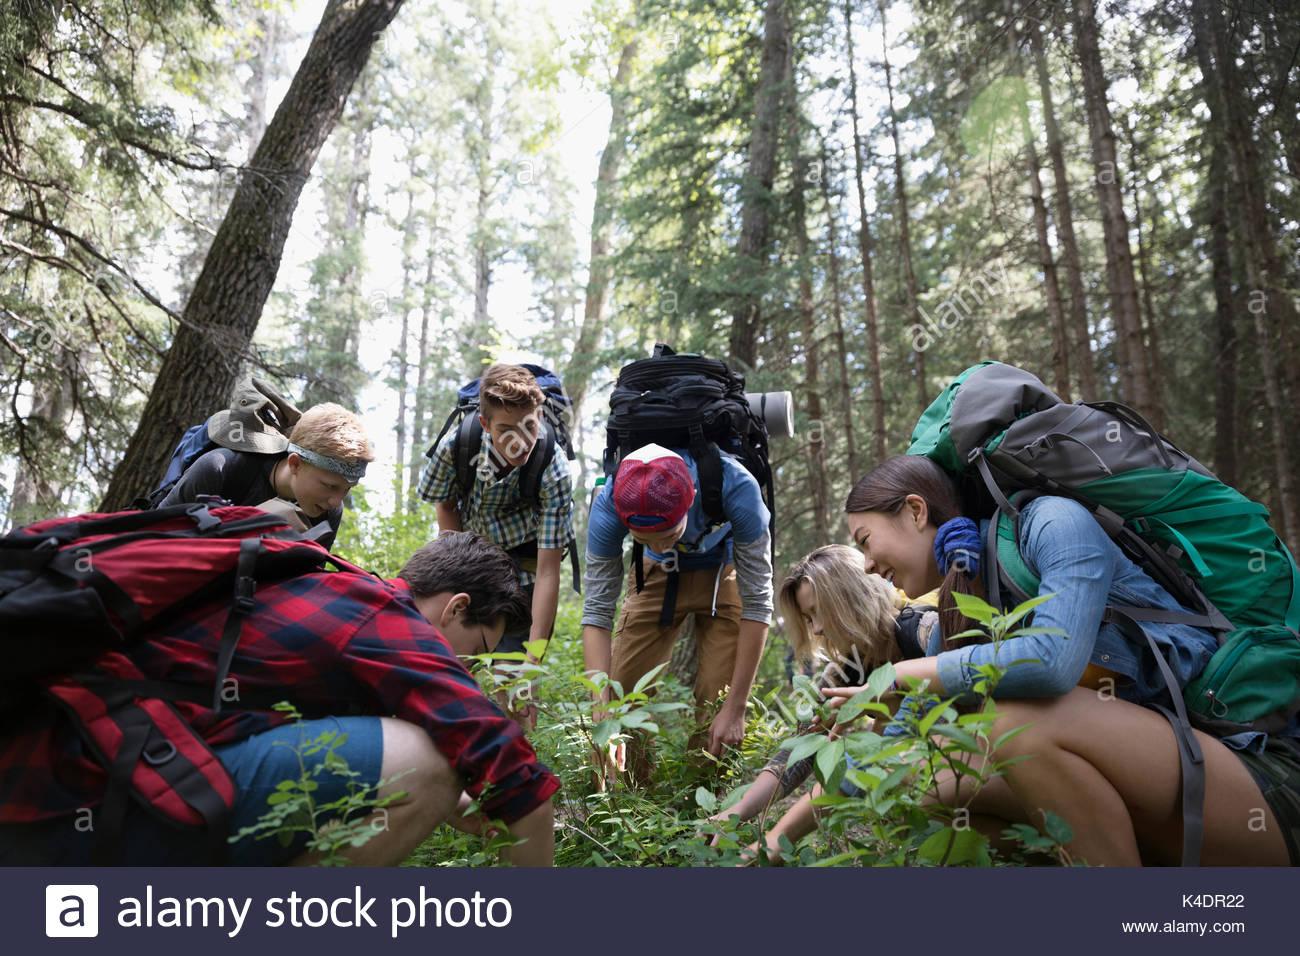 Teenage outdoor school students exploring undergrowth in woods - Stock Image